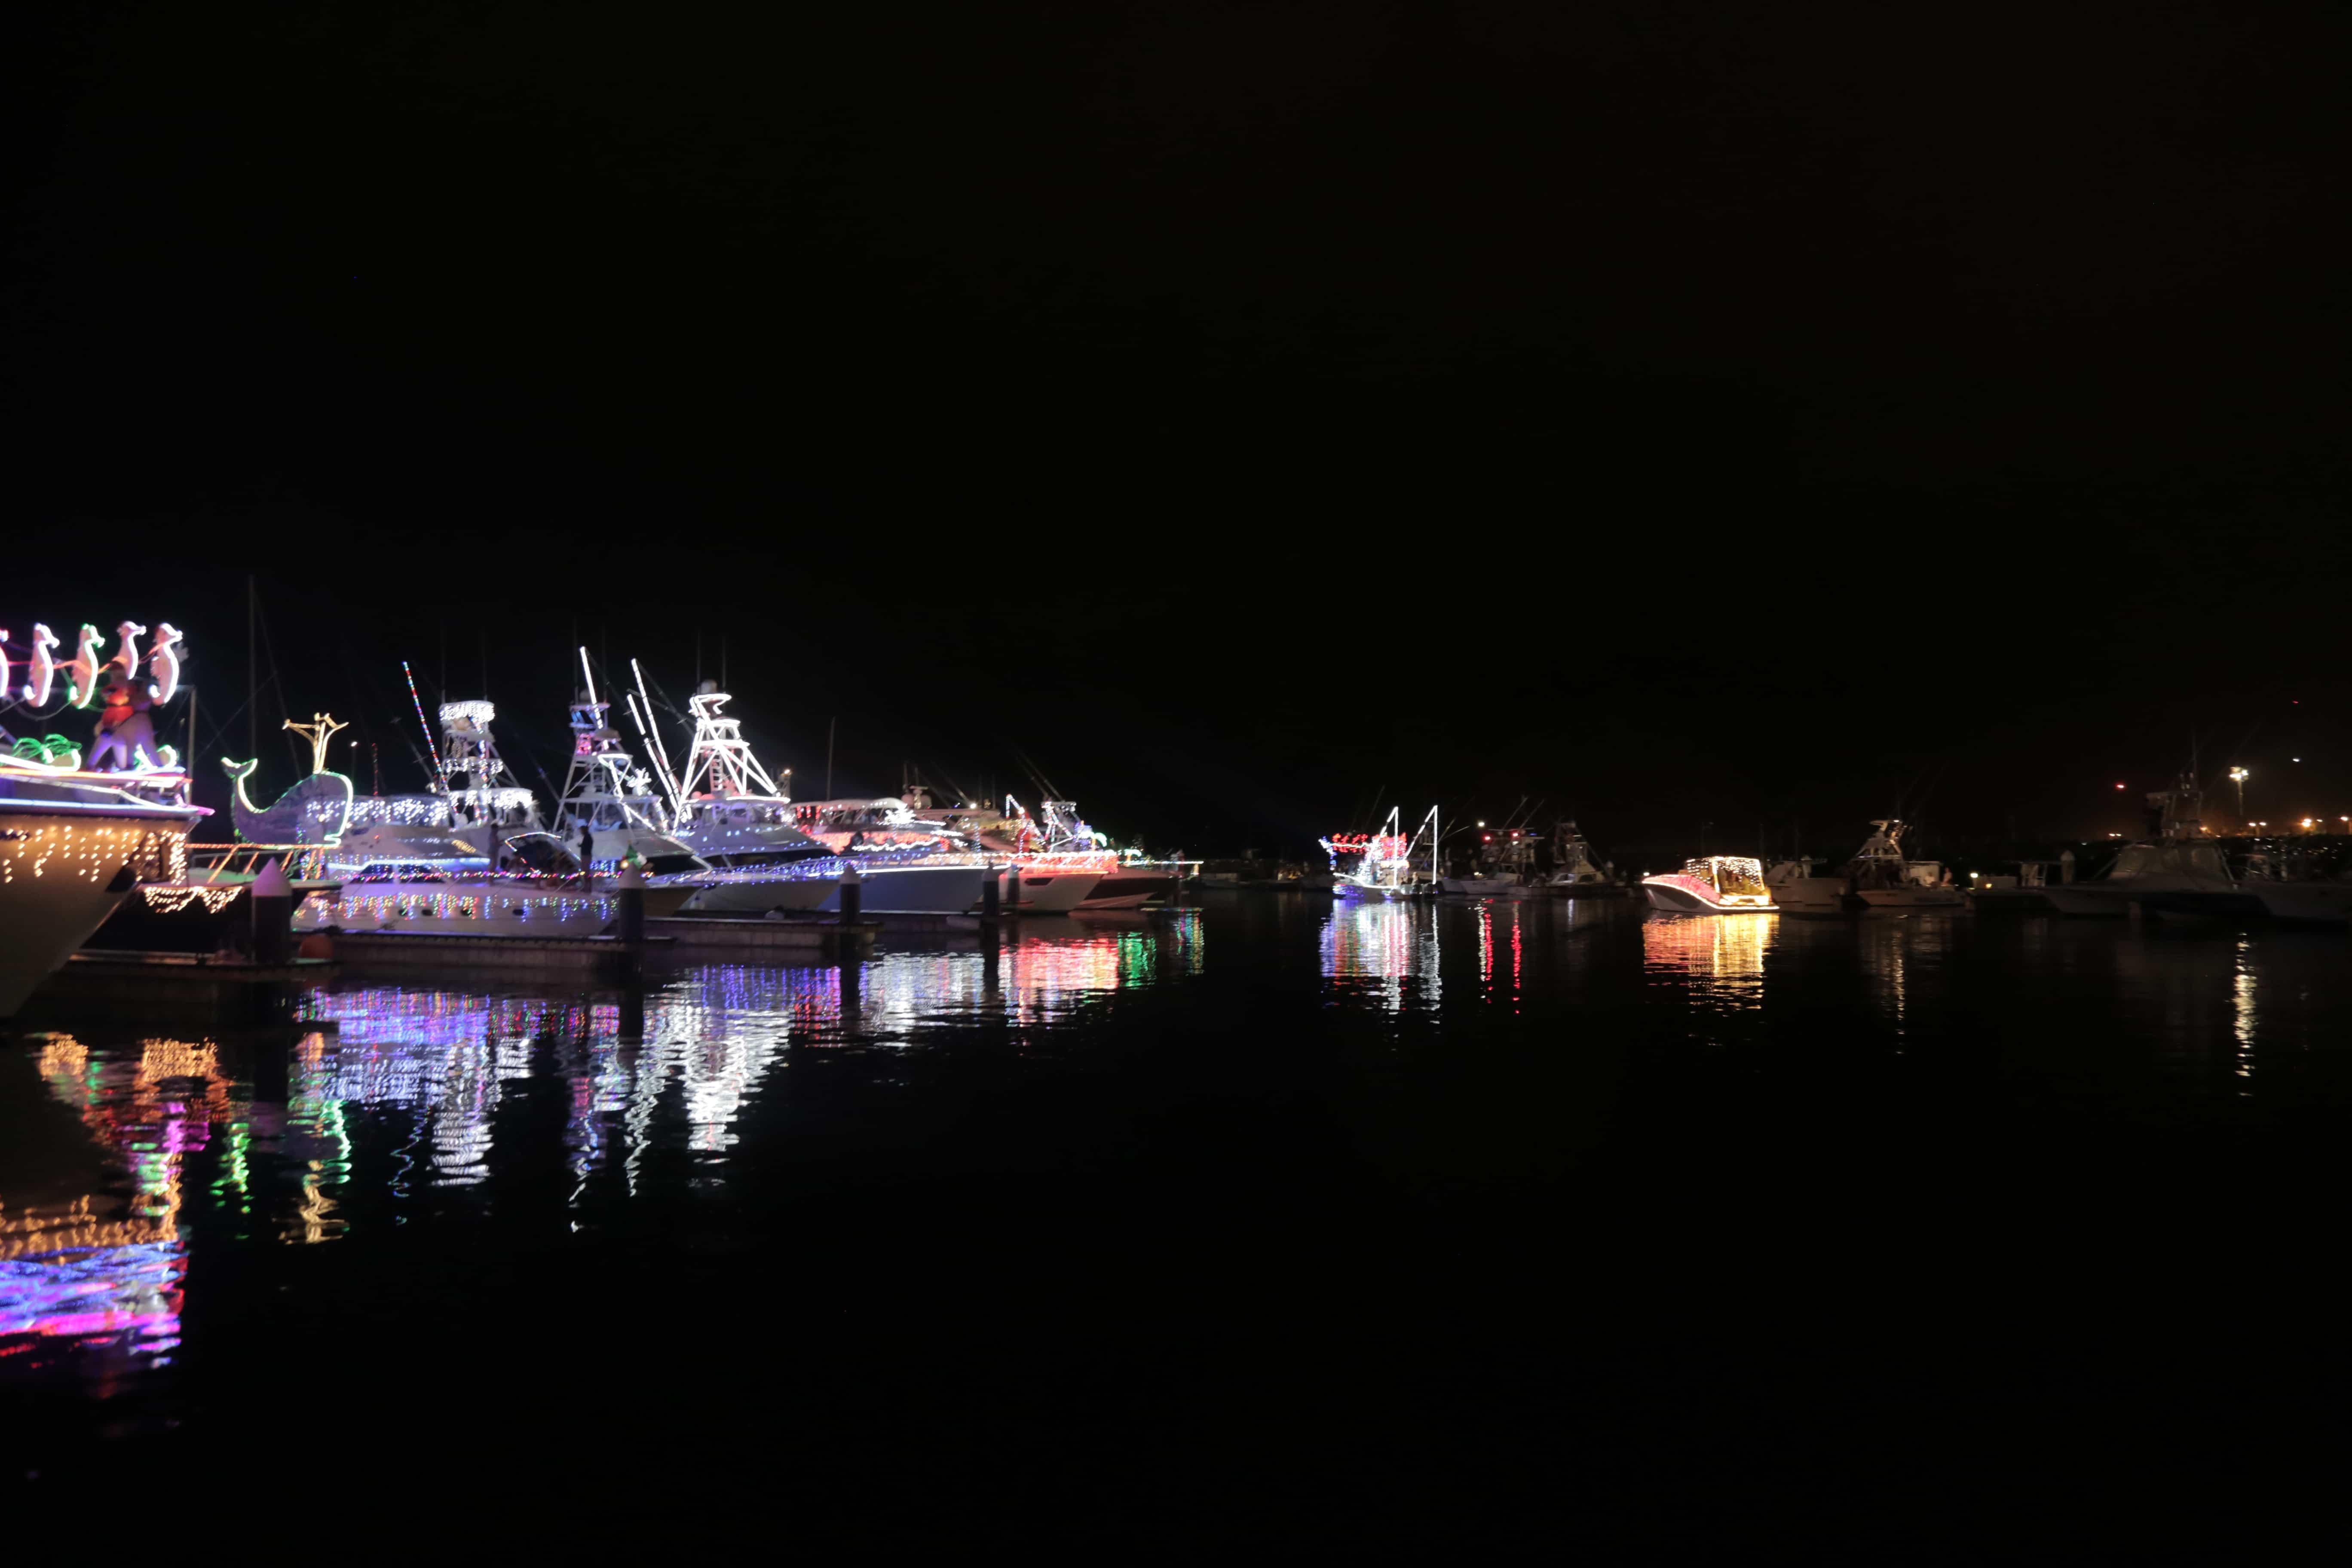 Bright Lights Boat Parade